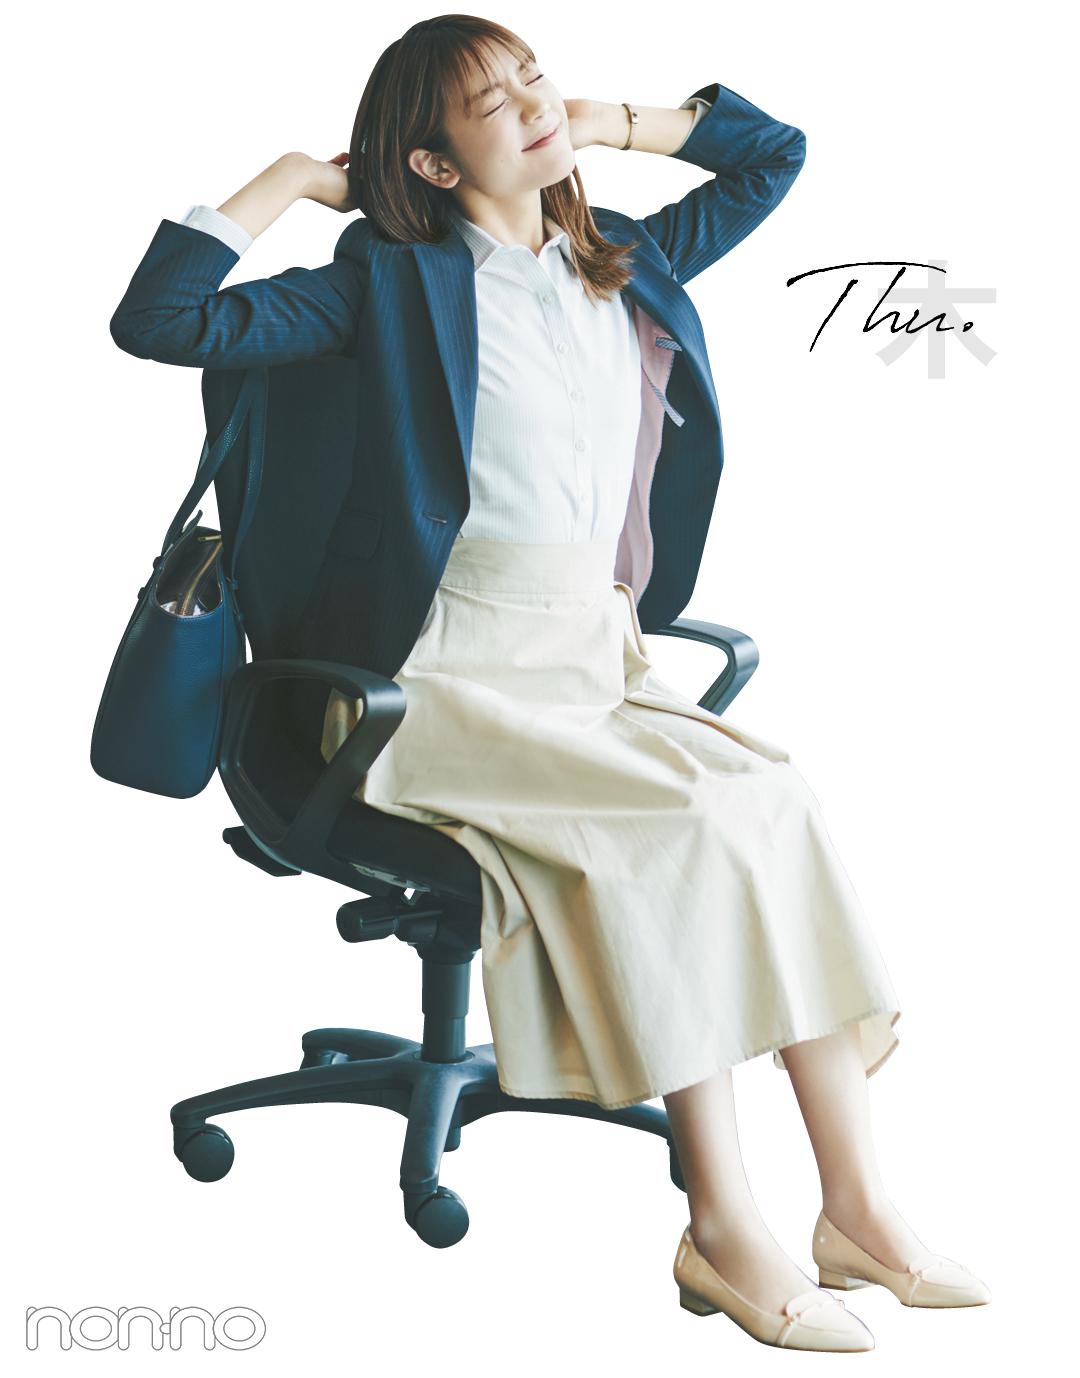 【新社会人のオフィスコーデ】堅め企業勤務の1週間&買うべき名品をチェック!_1_9